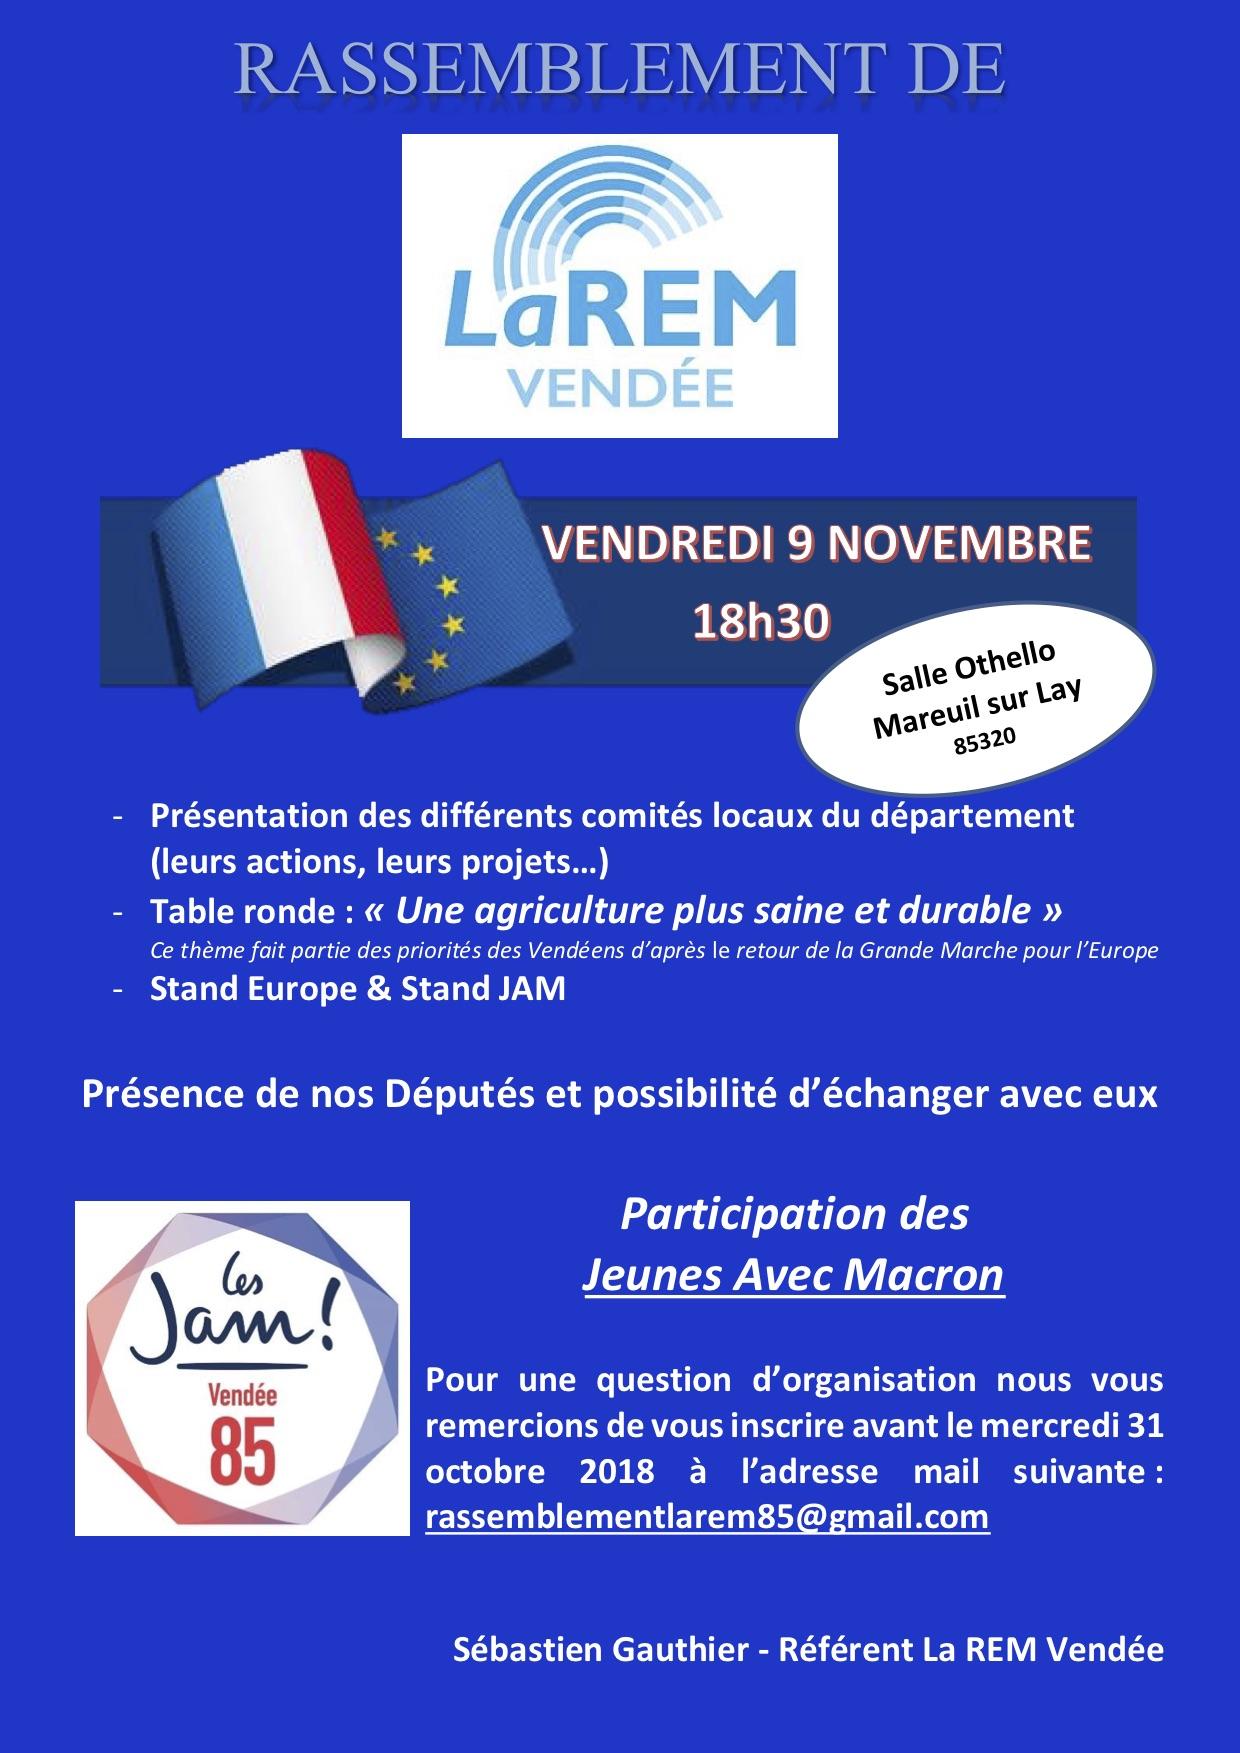 Premier grand rassemblement de LaREM Vendée